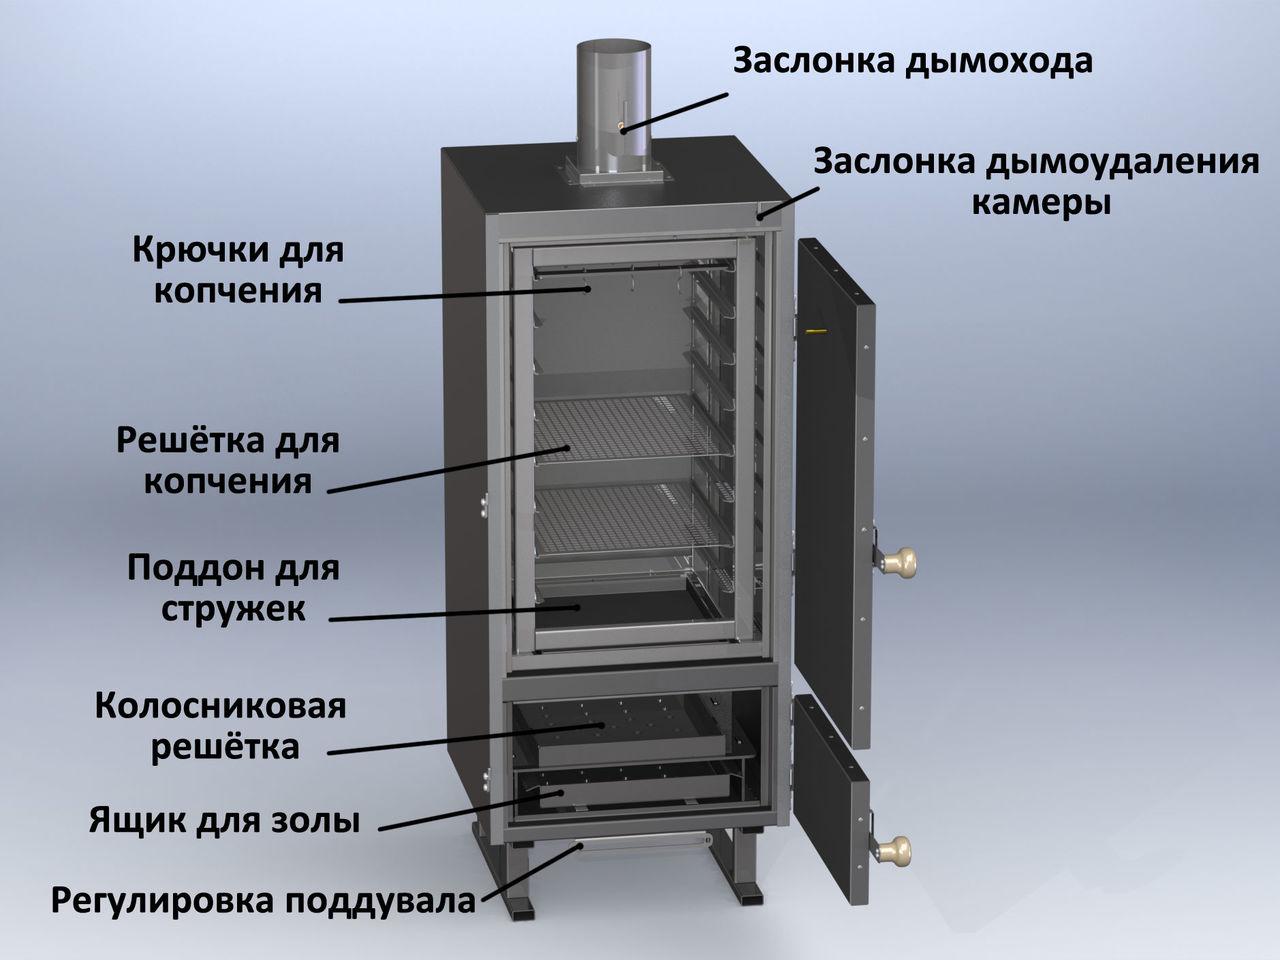 самогонный аппарат феникс кристалл 10 литров отзывы